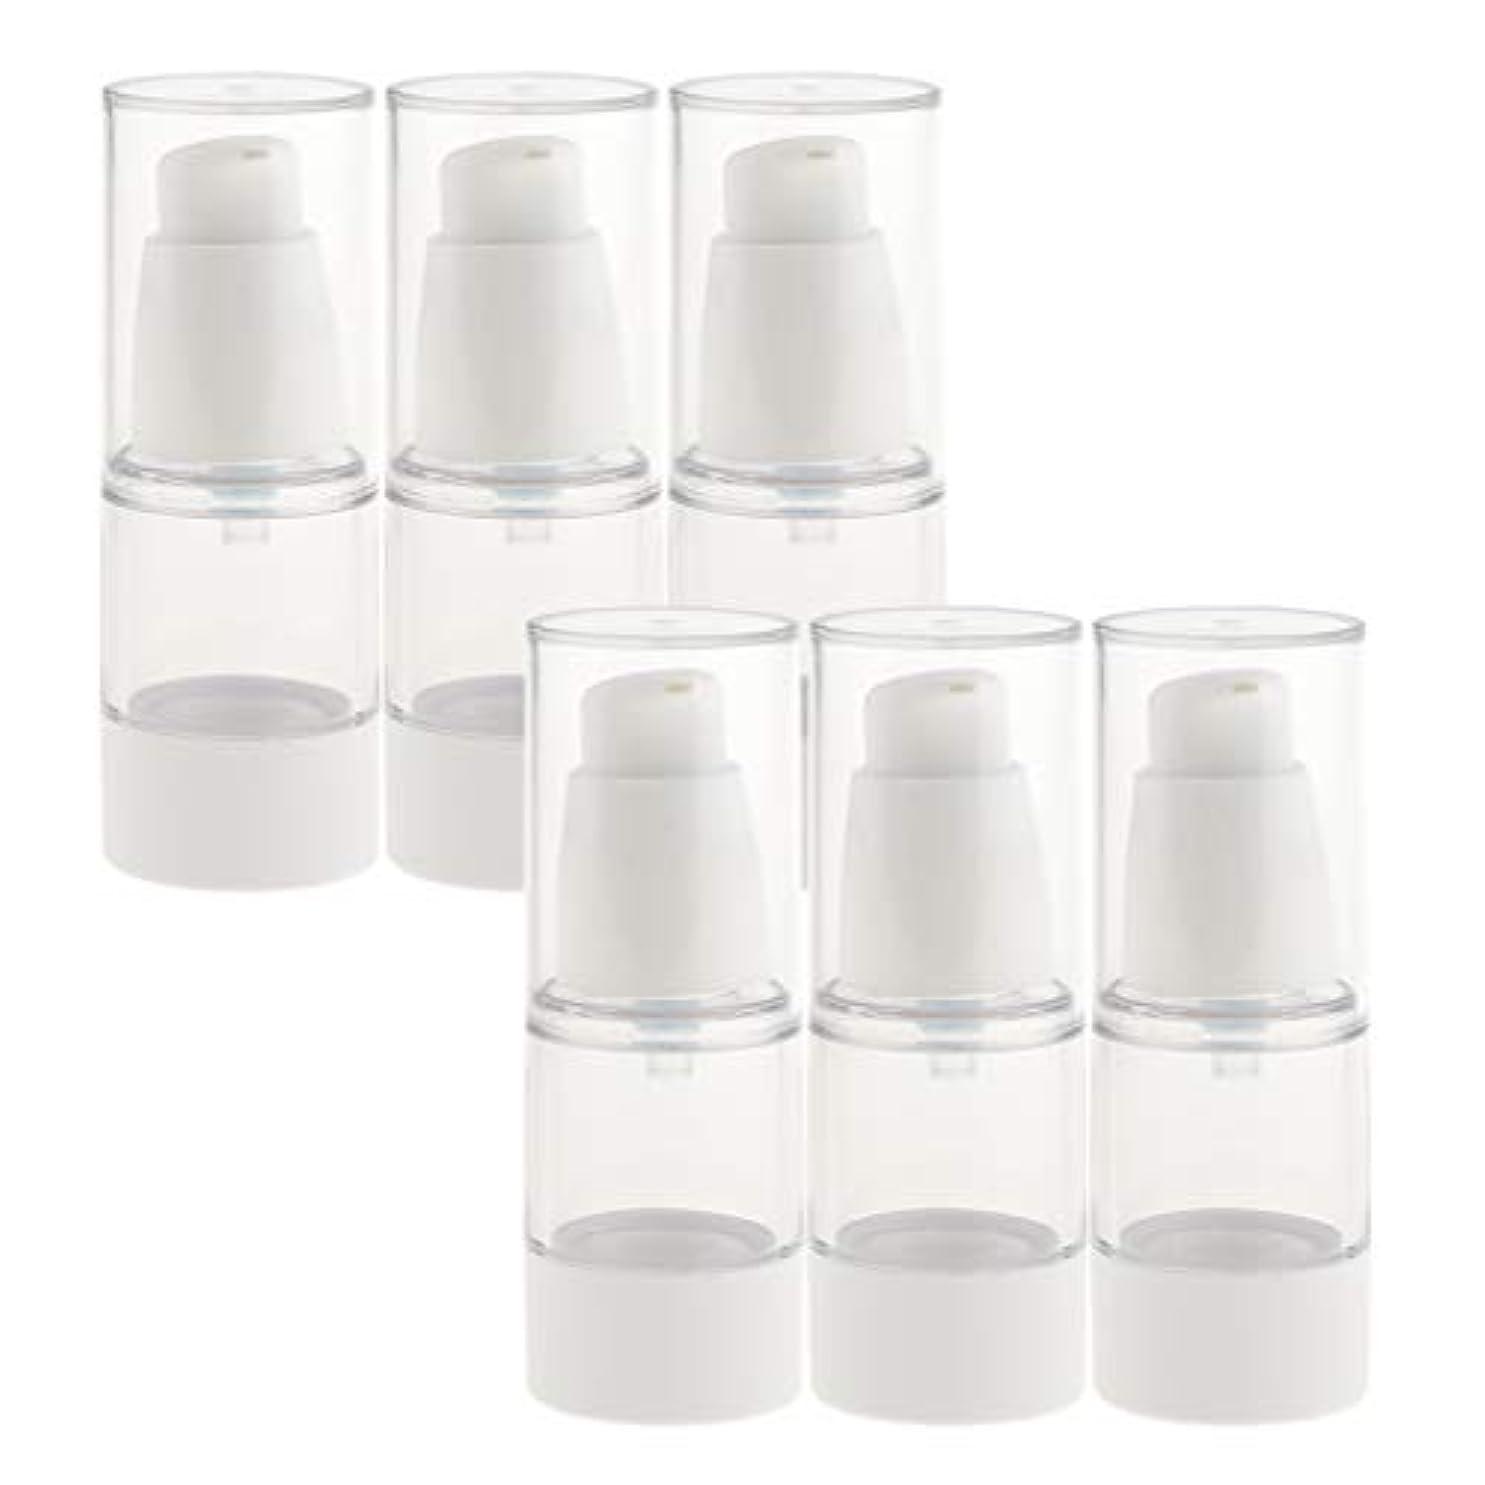 可愛い霧深いうまB Baosity 6個 真空スプレーボトル ミストボトル 真空ボトル コスメ 化粧品 2サイズ選べ - 15ミリリットル